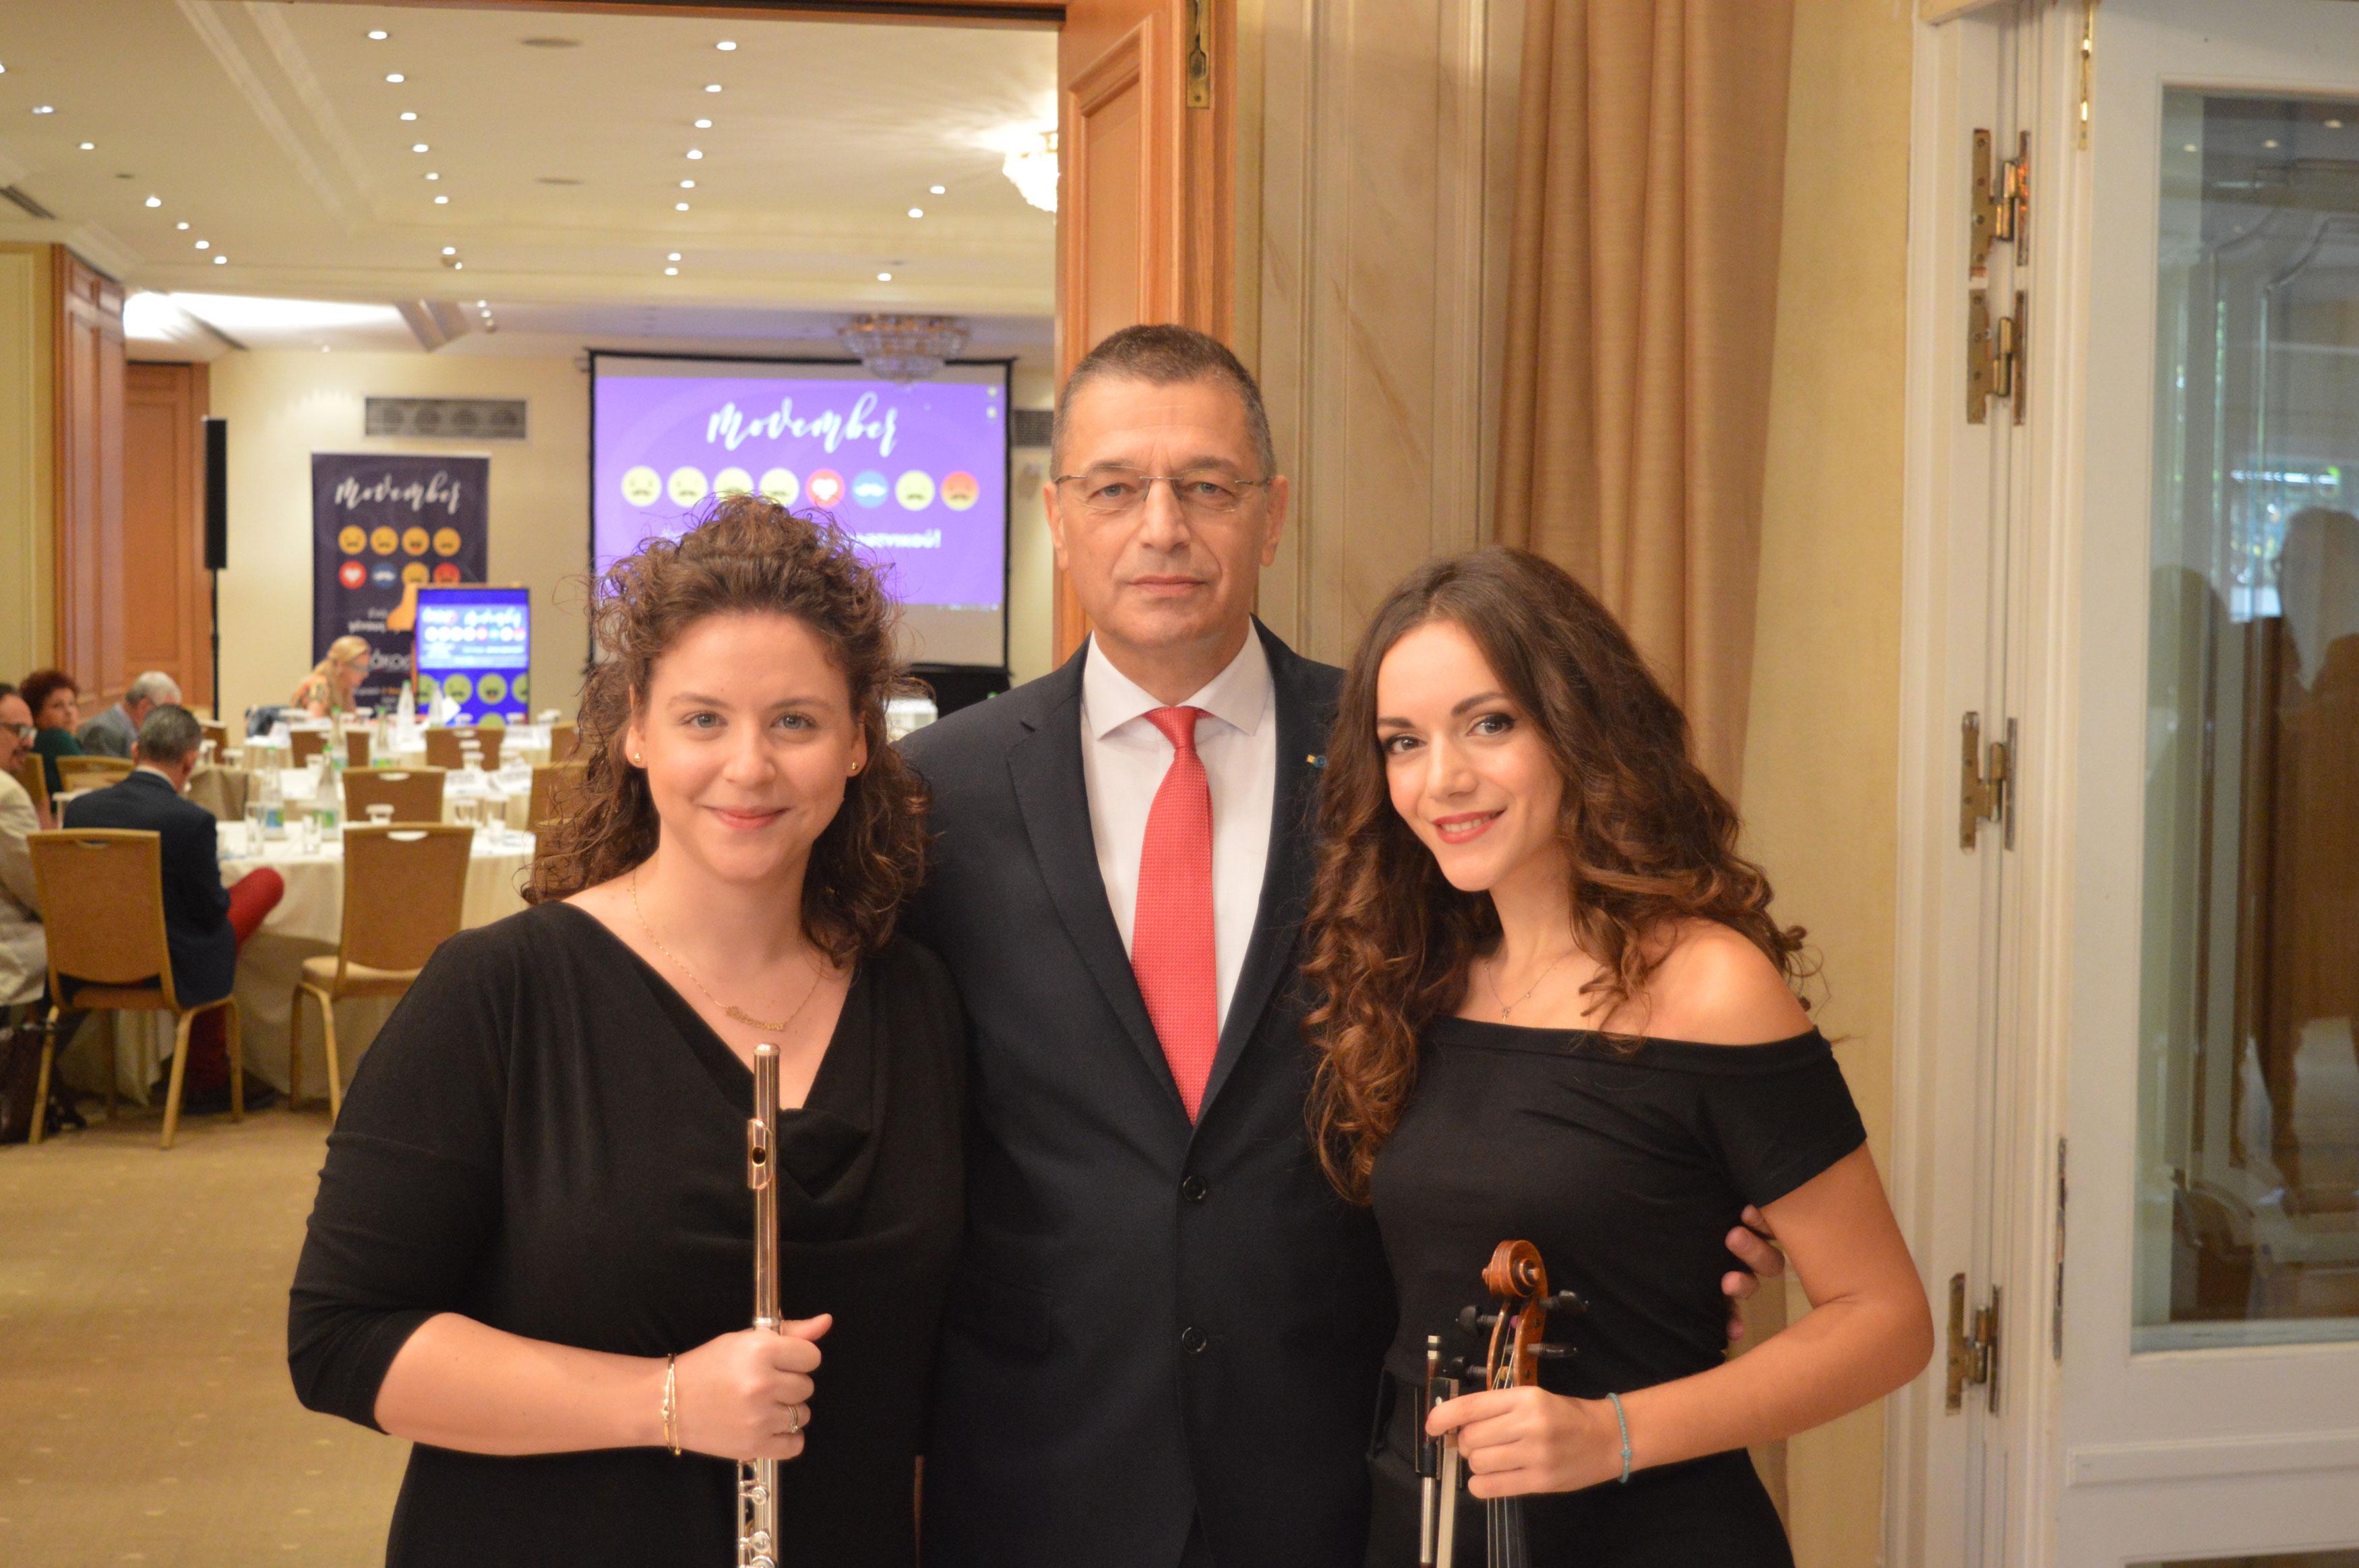 Ο υφυπουργός Άμυνας Αλκιβιάδης Στεφανής πλαισιωμένος από τη φλαουτίστα Δέσποινα Σπαή και τη βιολονίστα Στέλλα Ζιοπούλου.